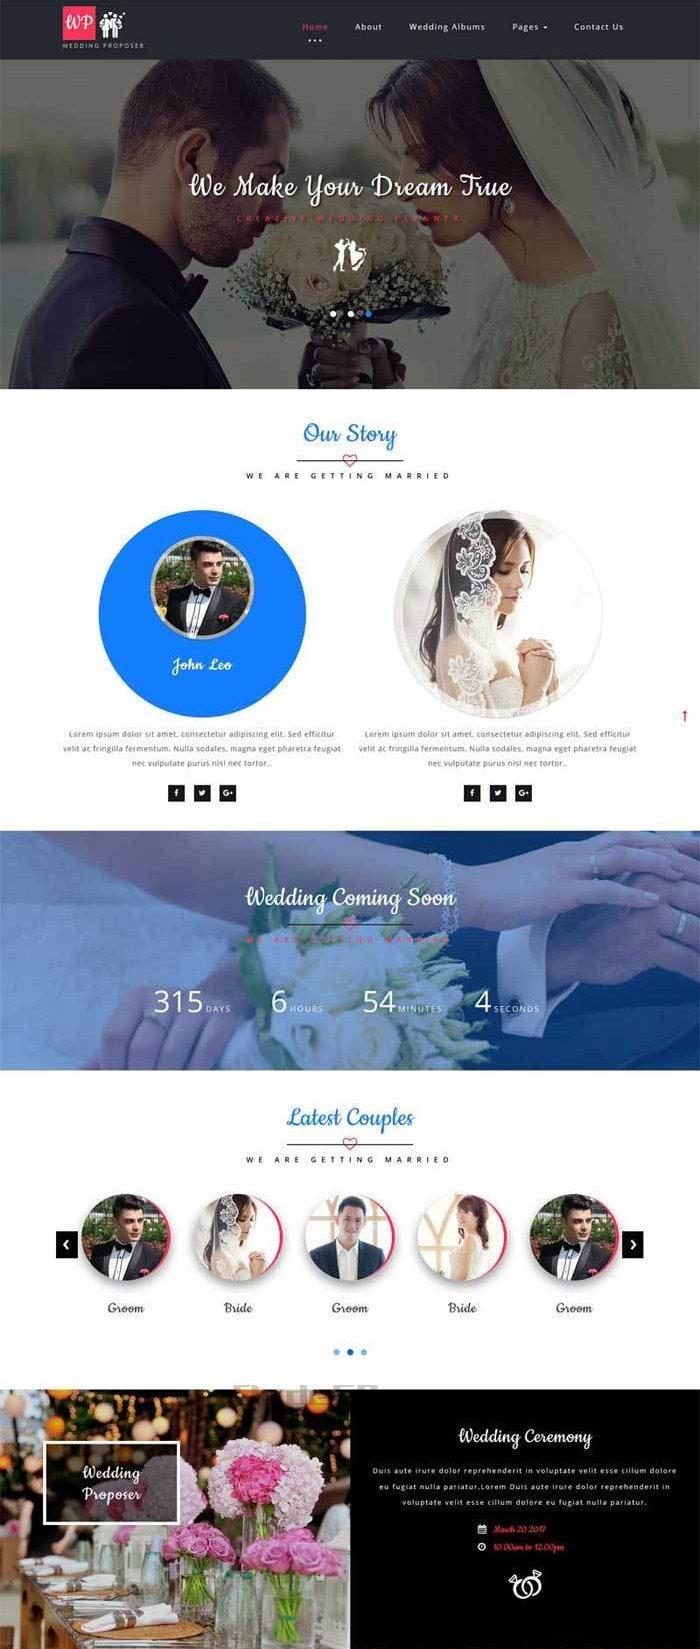 简单大气的婚纱摄影婚庆公司网站模板